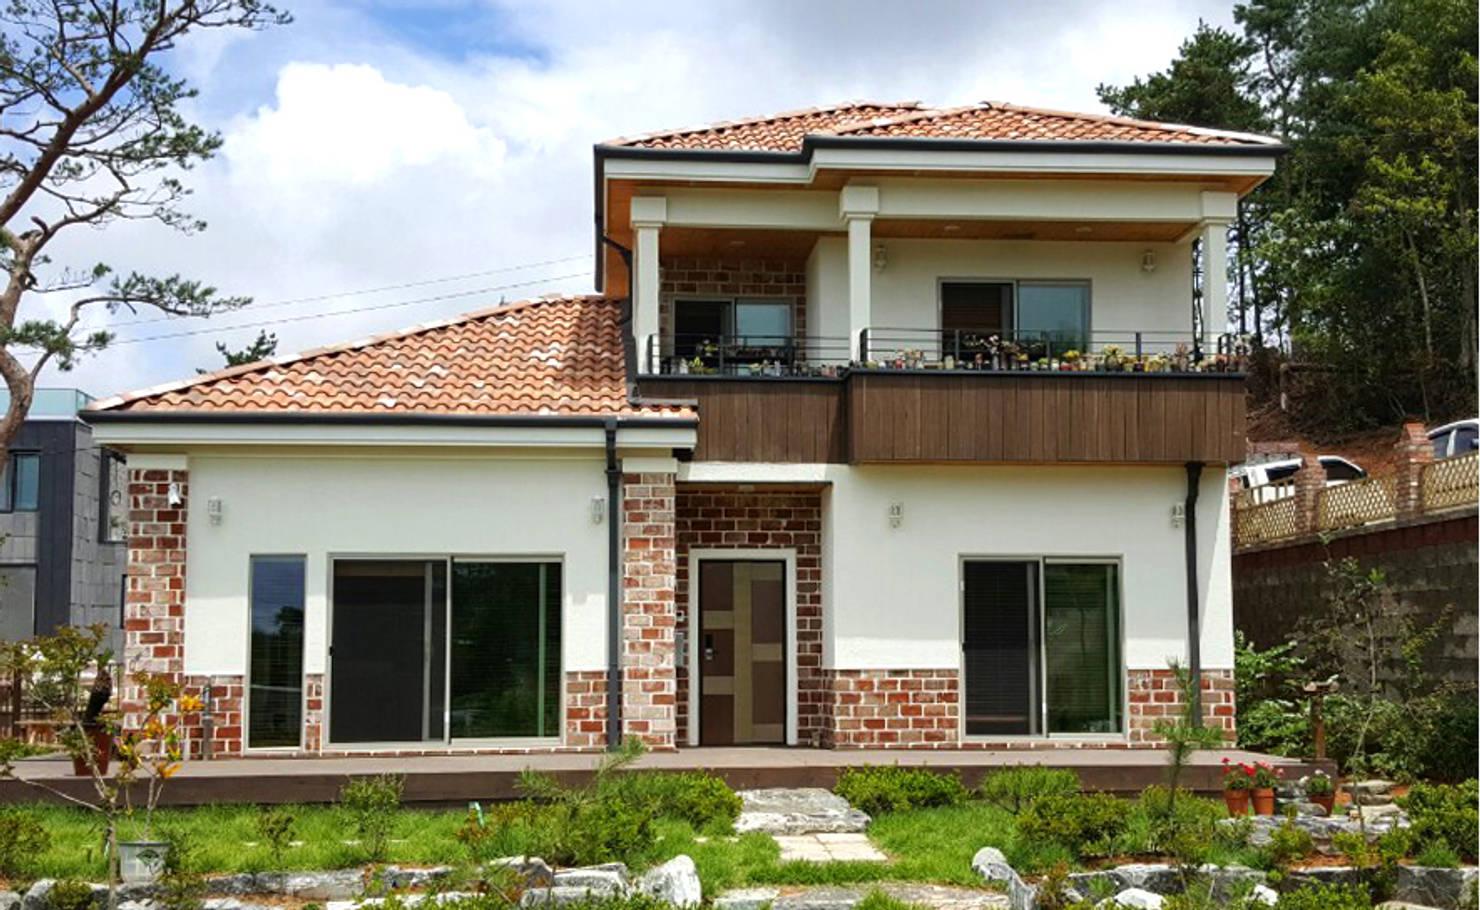 10 хороших советов тем, кто строит дом в первый раз